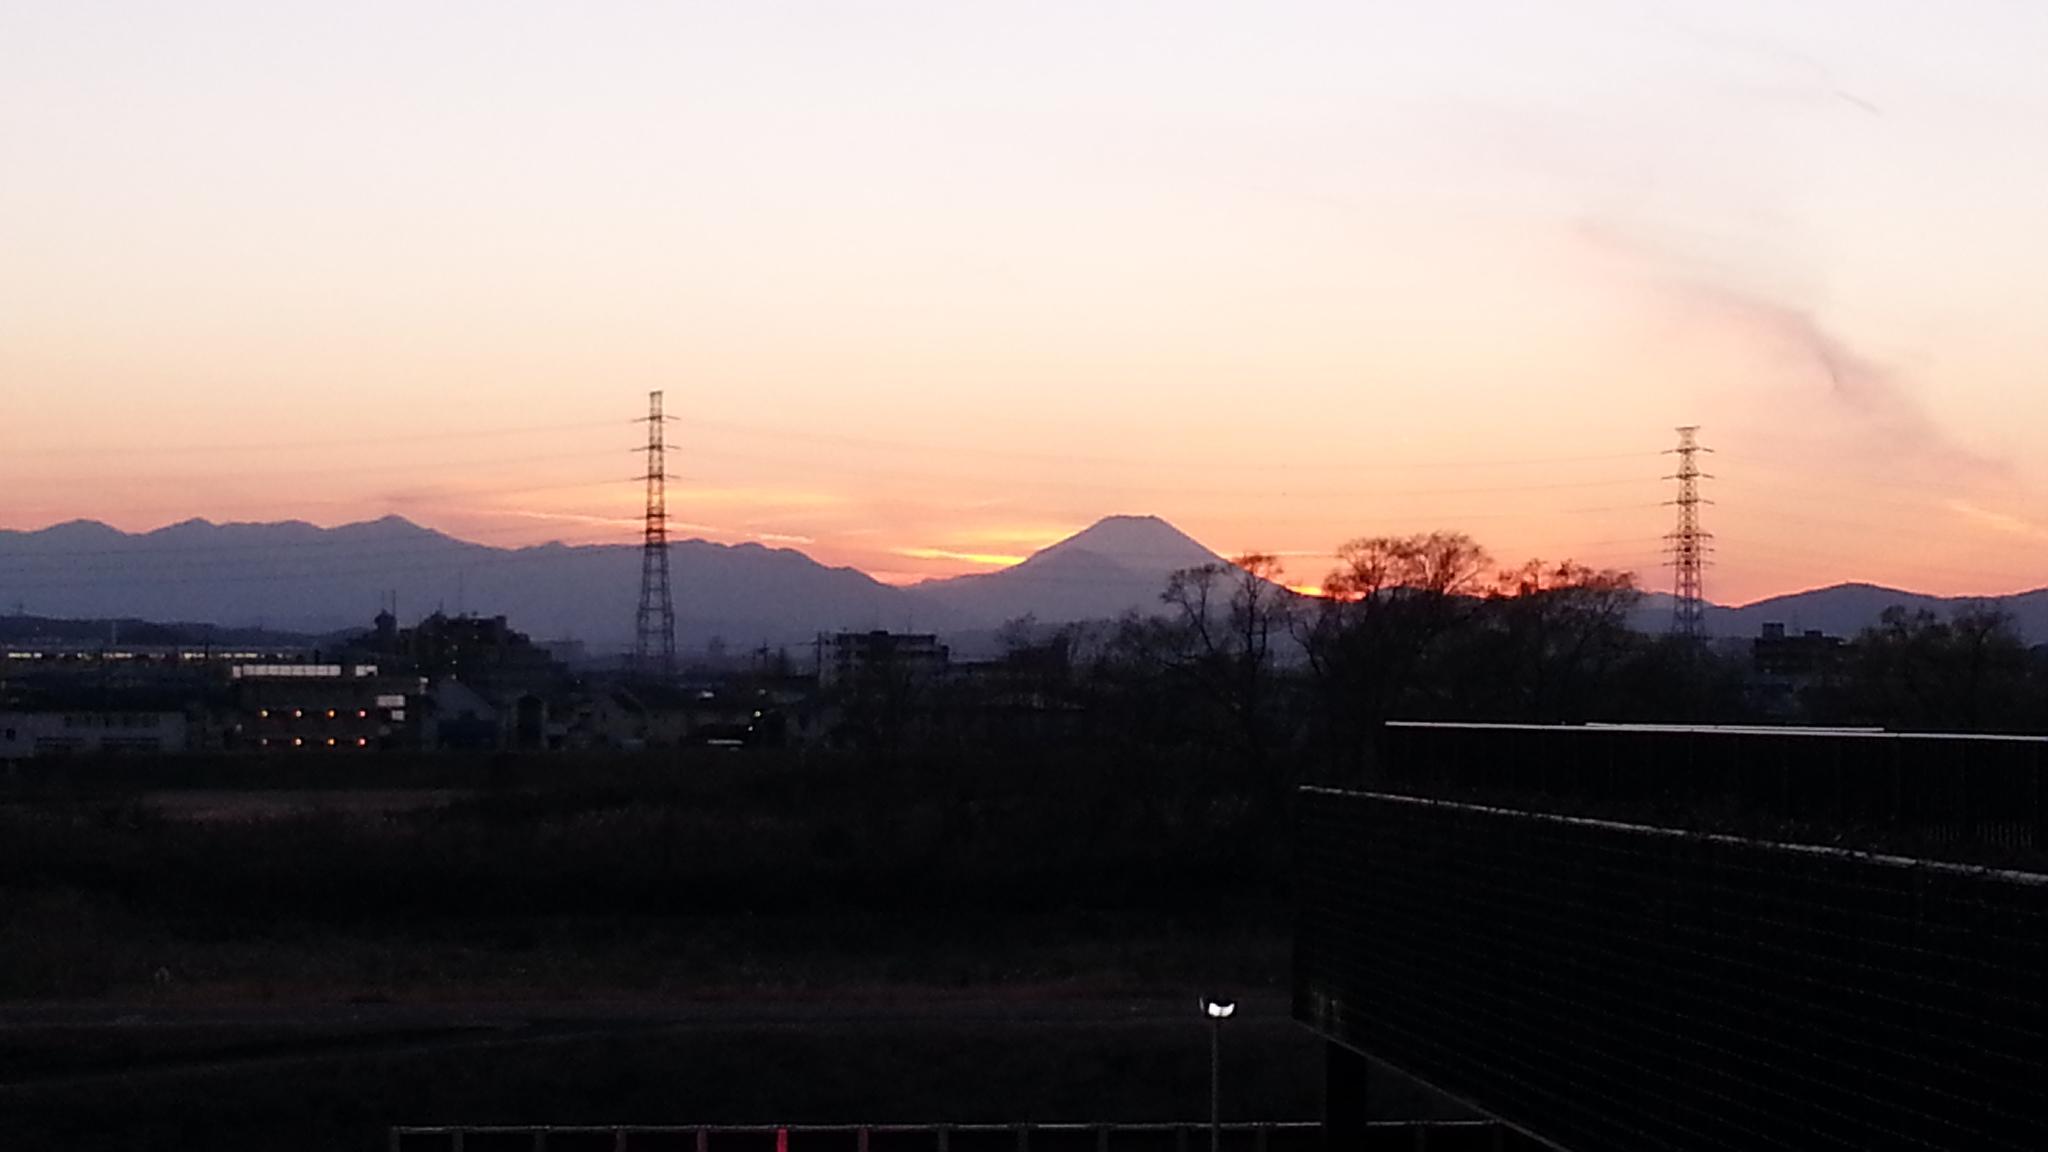 12/27 日没後の富士山@国立温泉湯楽(ゆら))の里_b0042308_193433.jpg